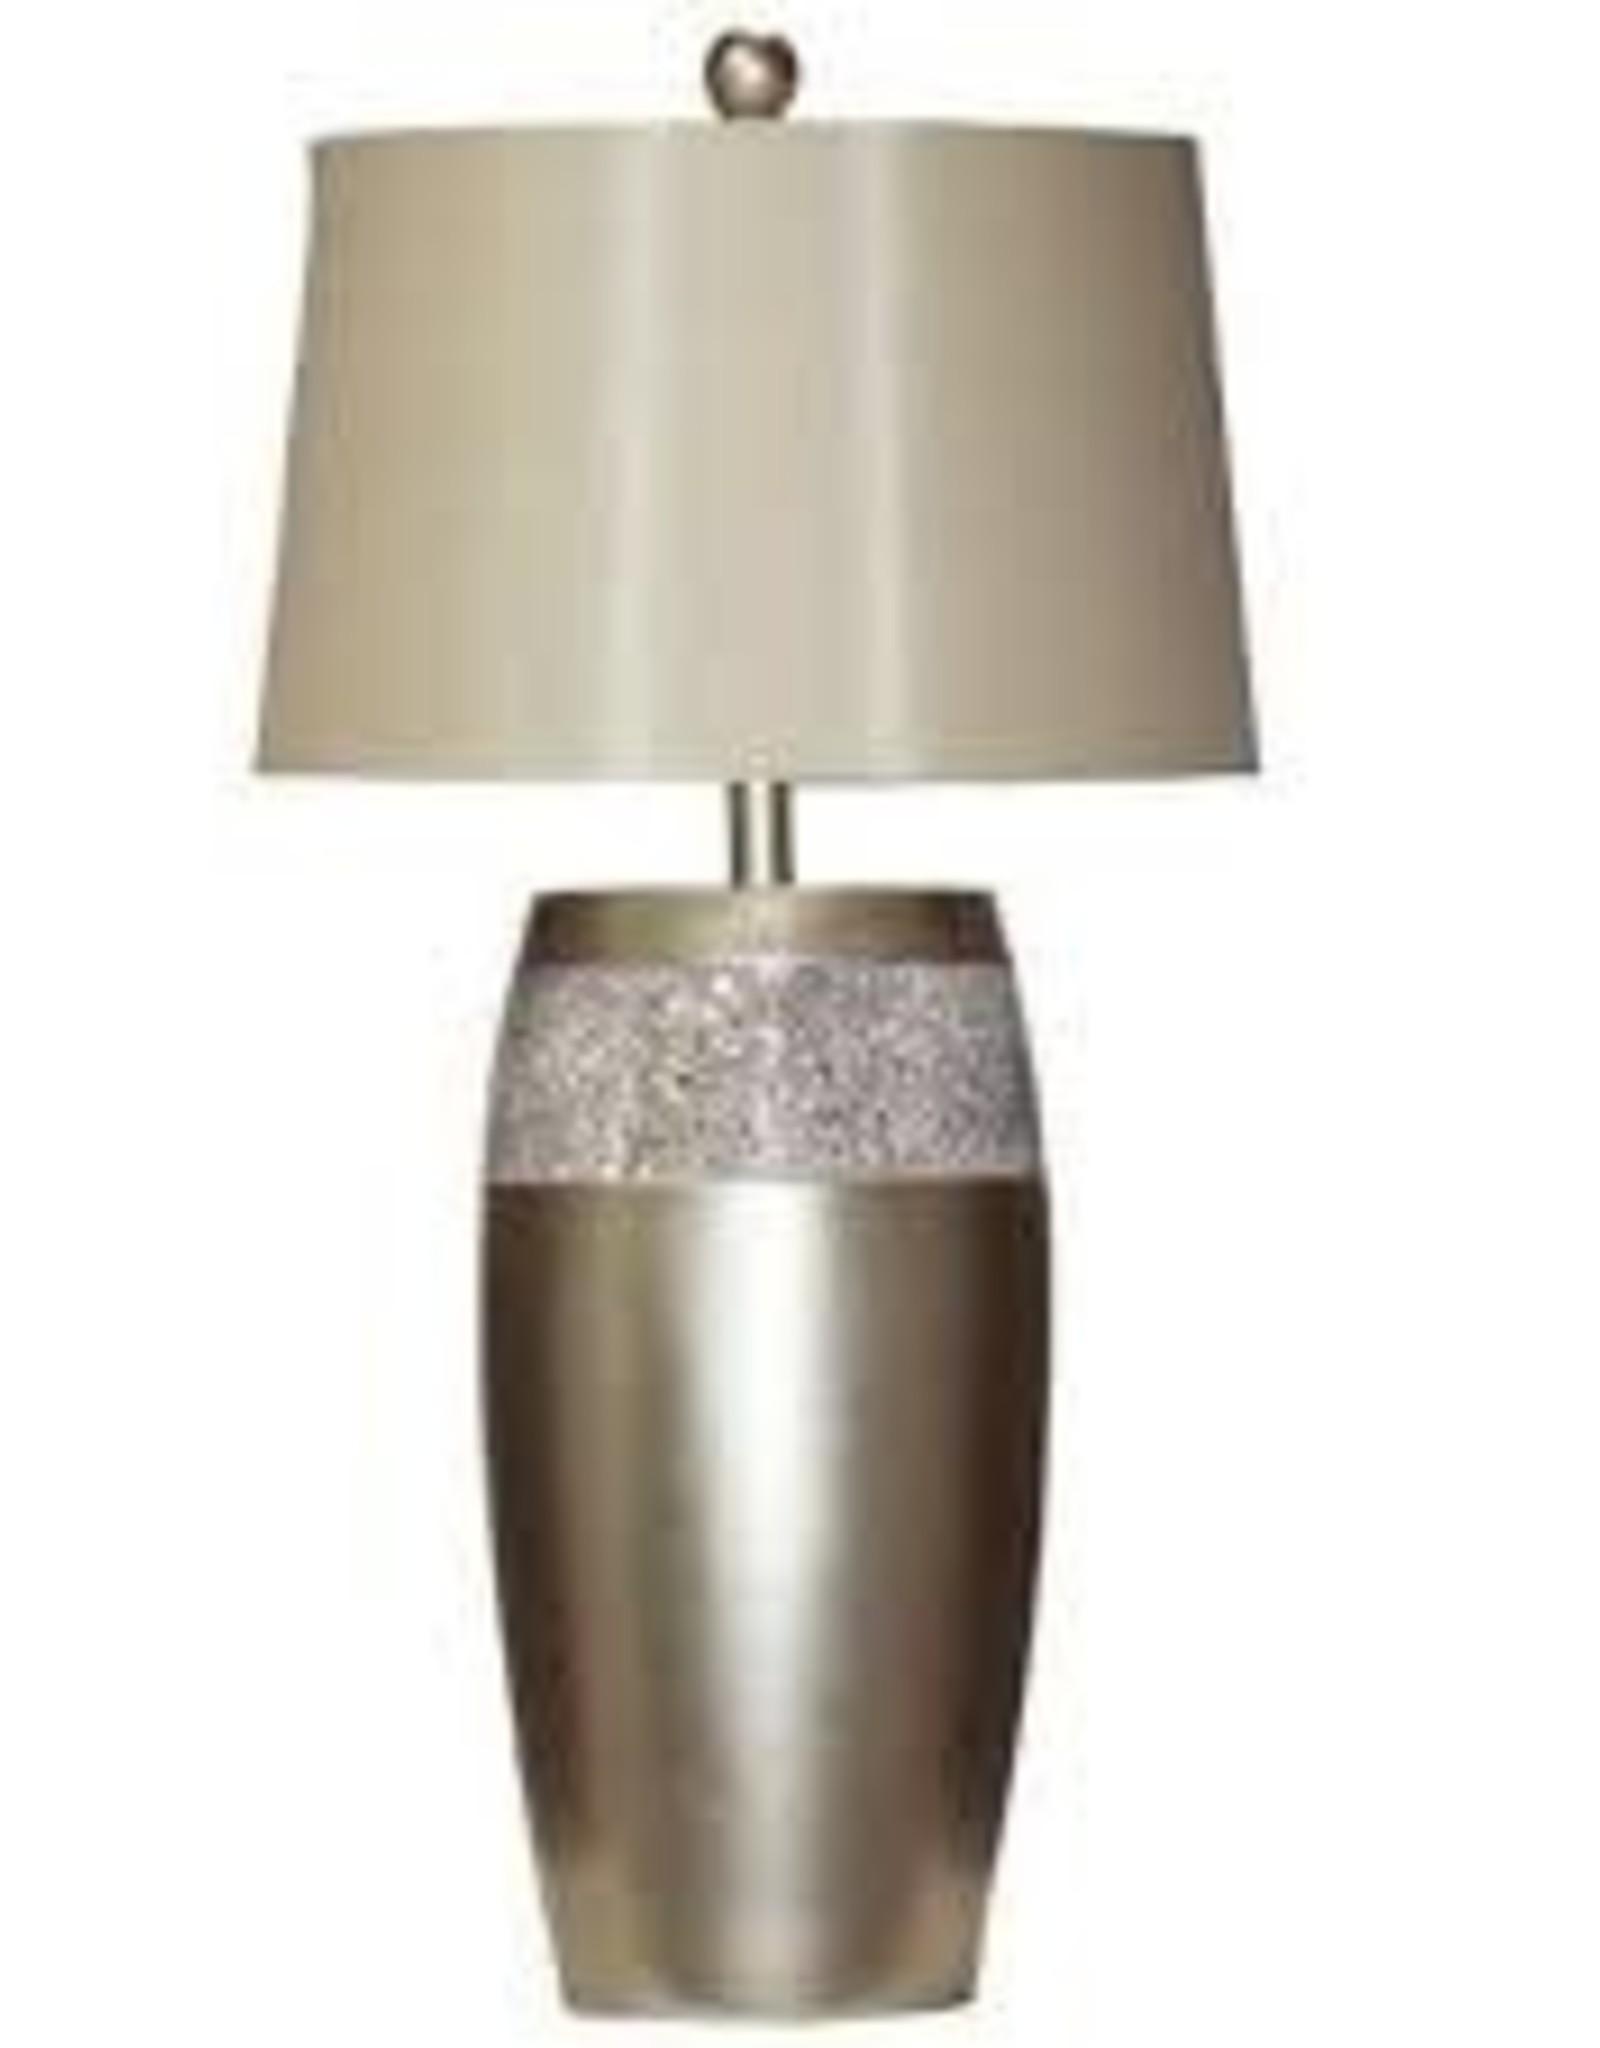 H&H 1150 Silver Gold Metallic Mirror Lamp